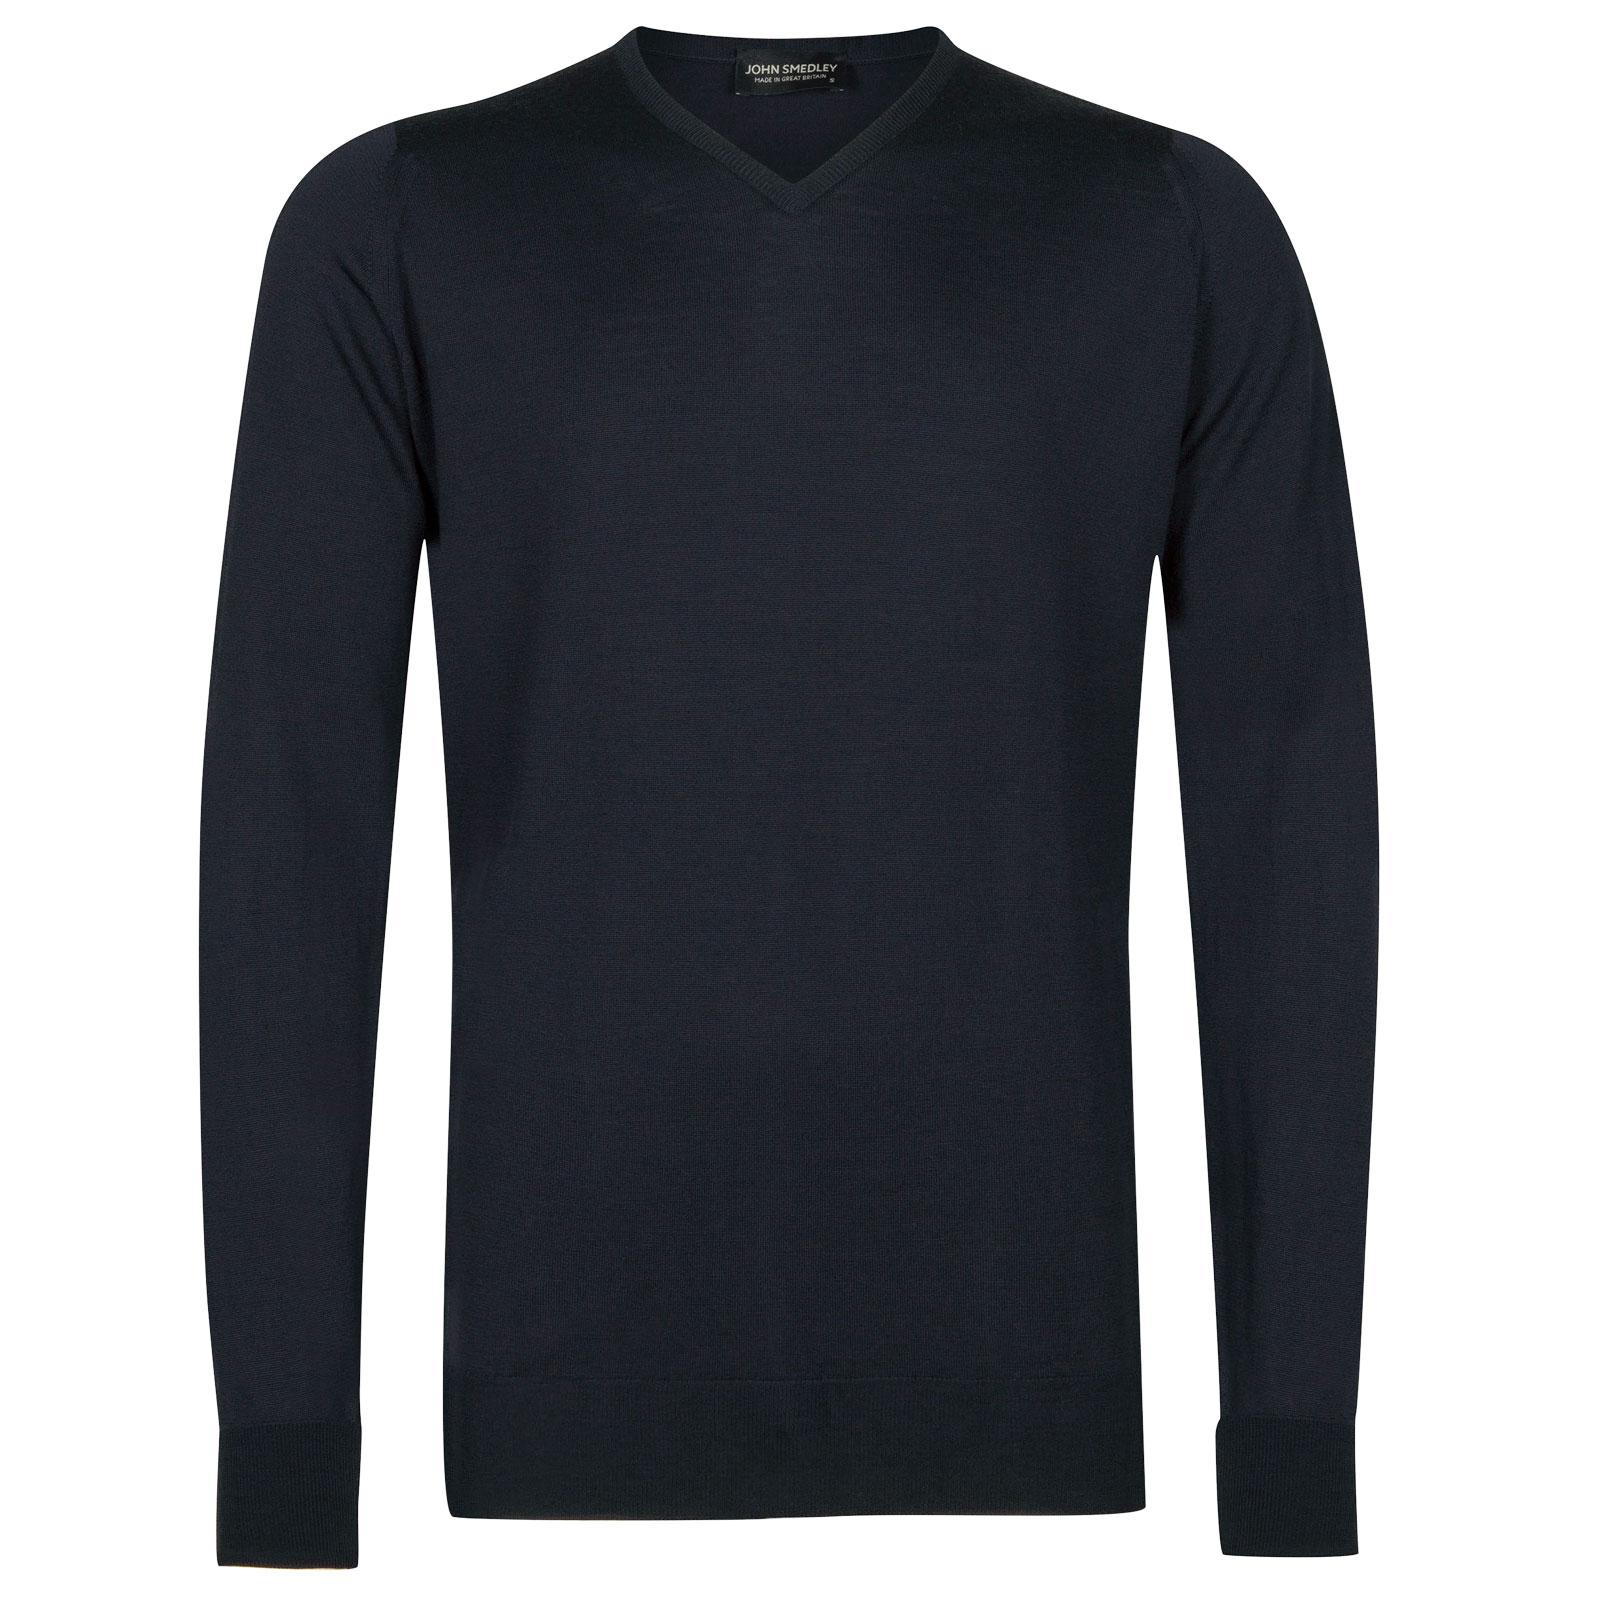 John Smedley shipton Merino Wool Pullover in Midnight-L